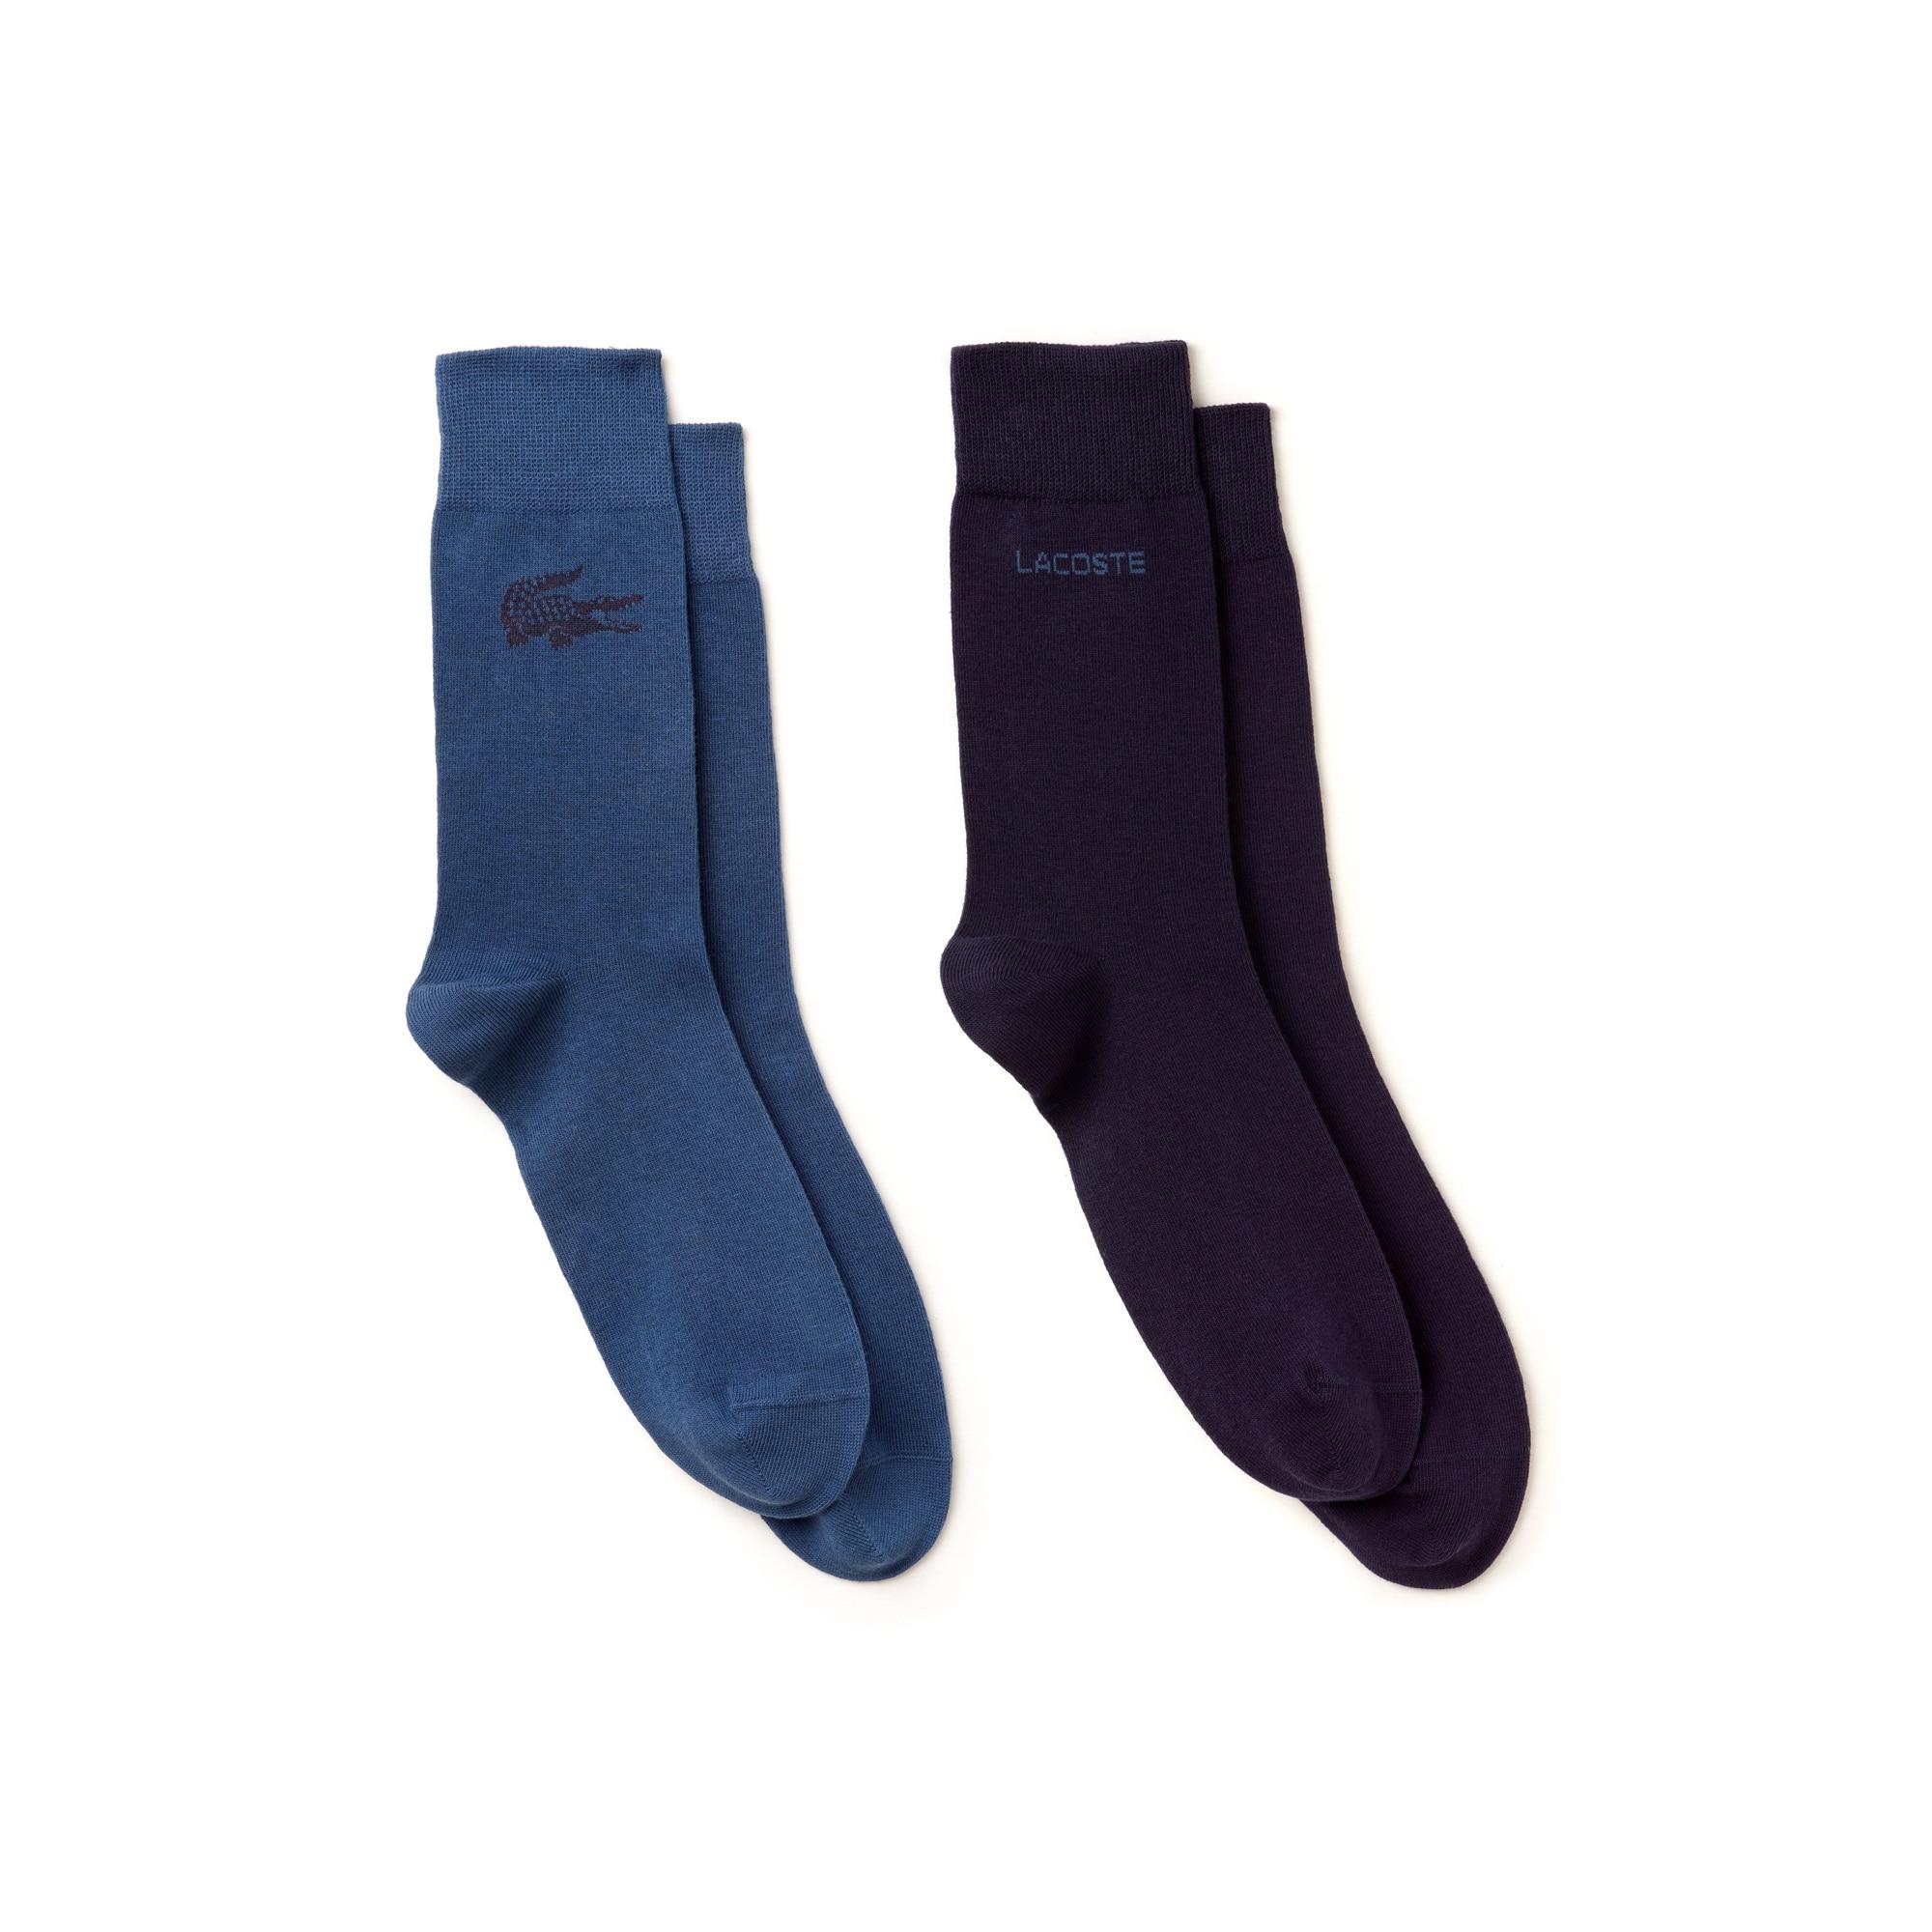 Zweierpack abgestimmte Socken aus bedrucktem Jersey